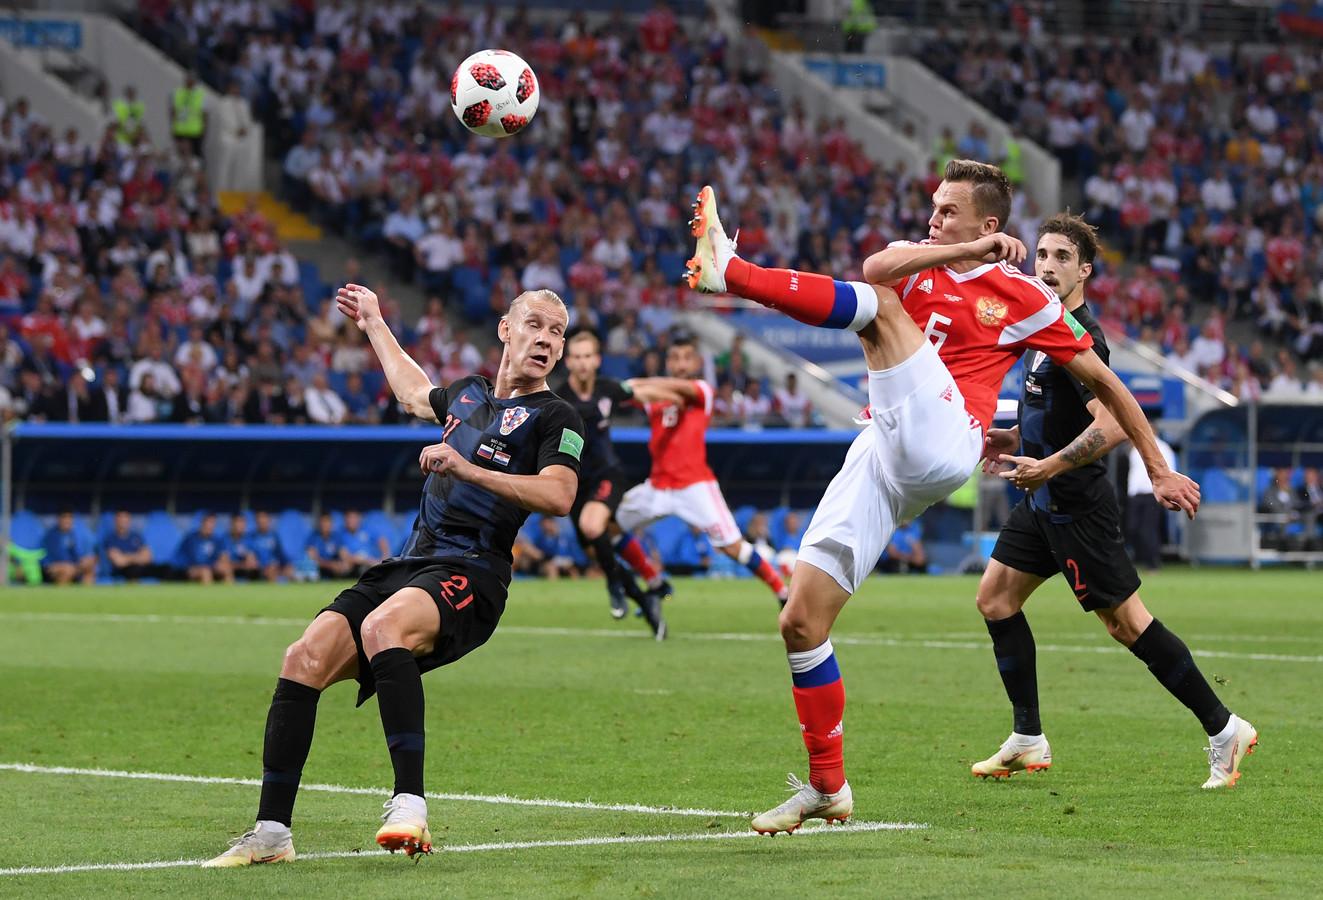 De Russische aanvaller Denis Tsjerisjev (midden) is de enige speler die met twee doelpunten is genomineerd: zijn eerste doelpunt tegen Saudi-Arabië en zijn goal (foto) in de kwartfinale tegen Kroatië.